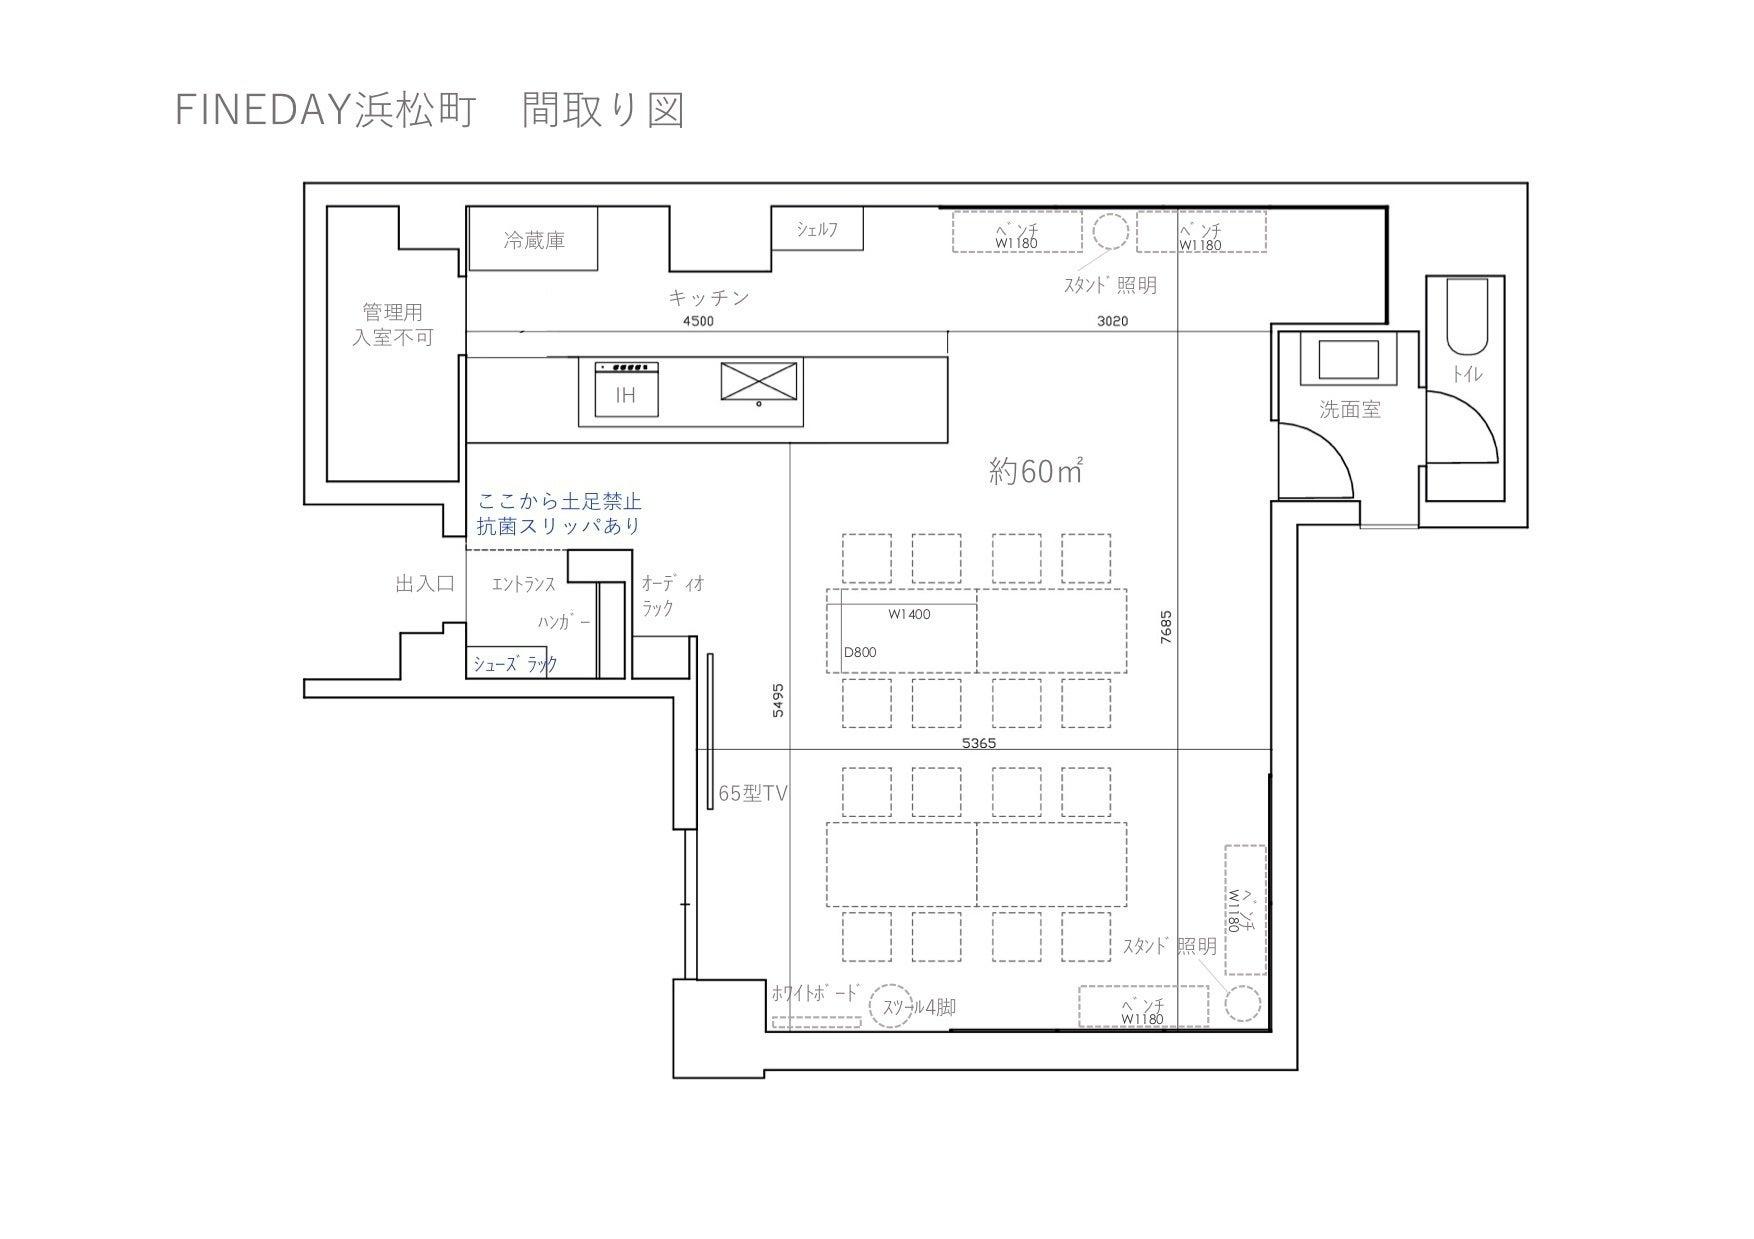 《5日前から30%OFF》大門/浜松町/御成門/新橋 ✨キレイ清潔✨65型TVのあるキッチン付スペース(^^♪ の写真